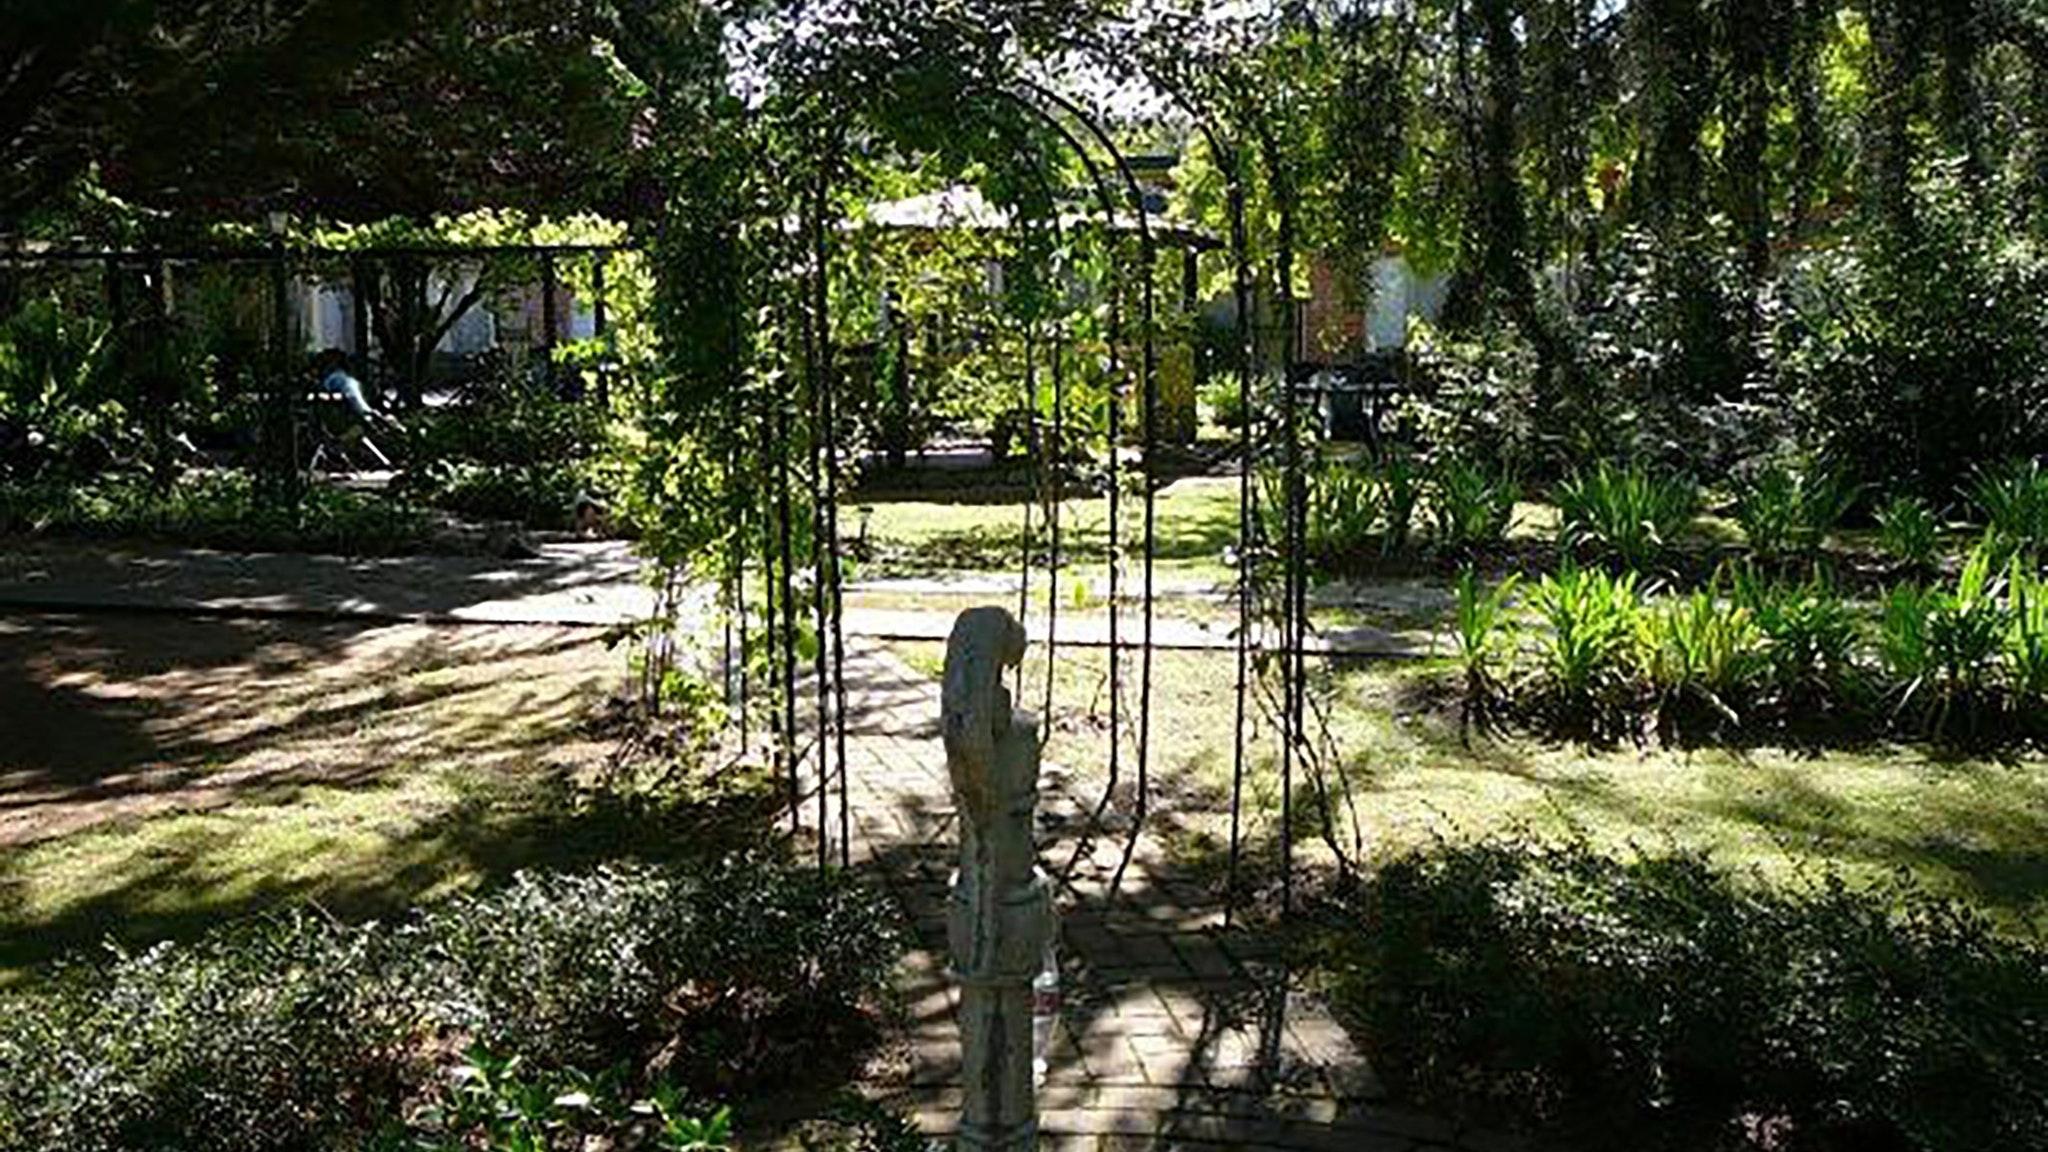 Carawatha Gardens